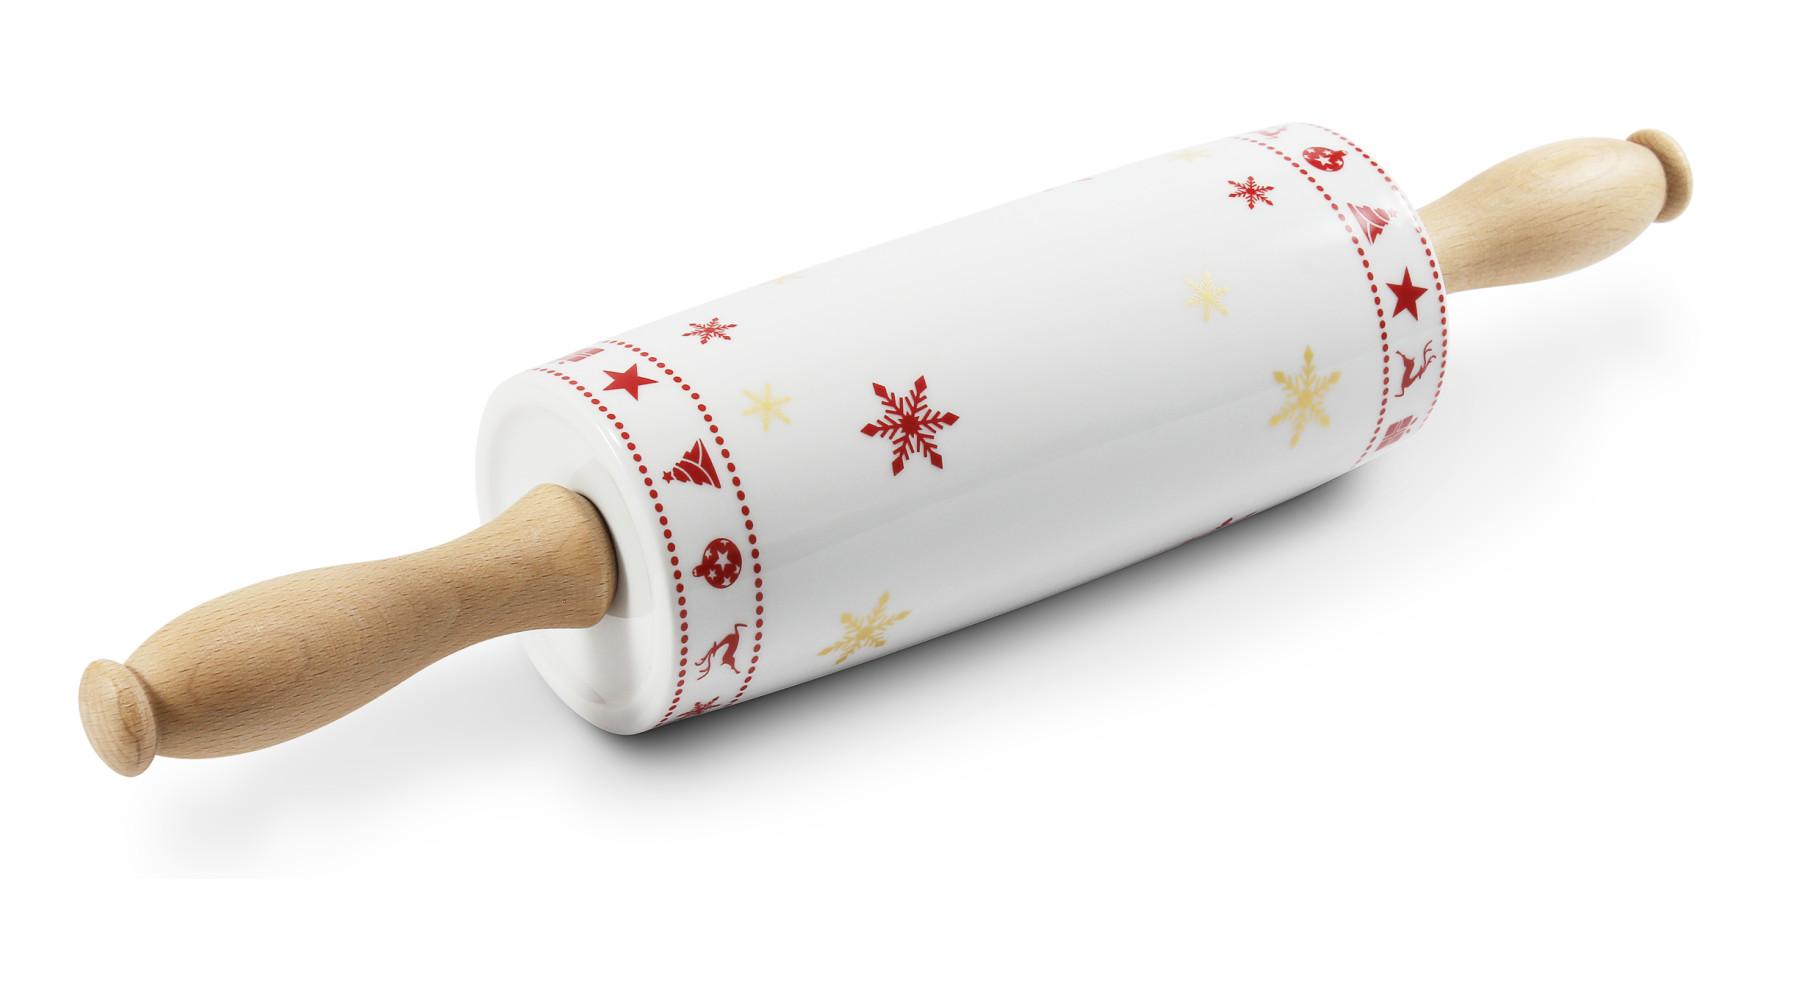 Nudelrolle Große Weihnachtsträume